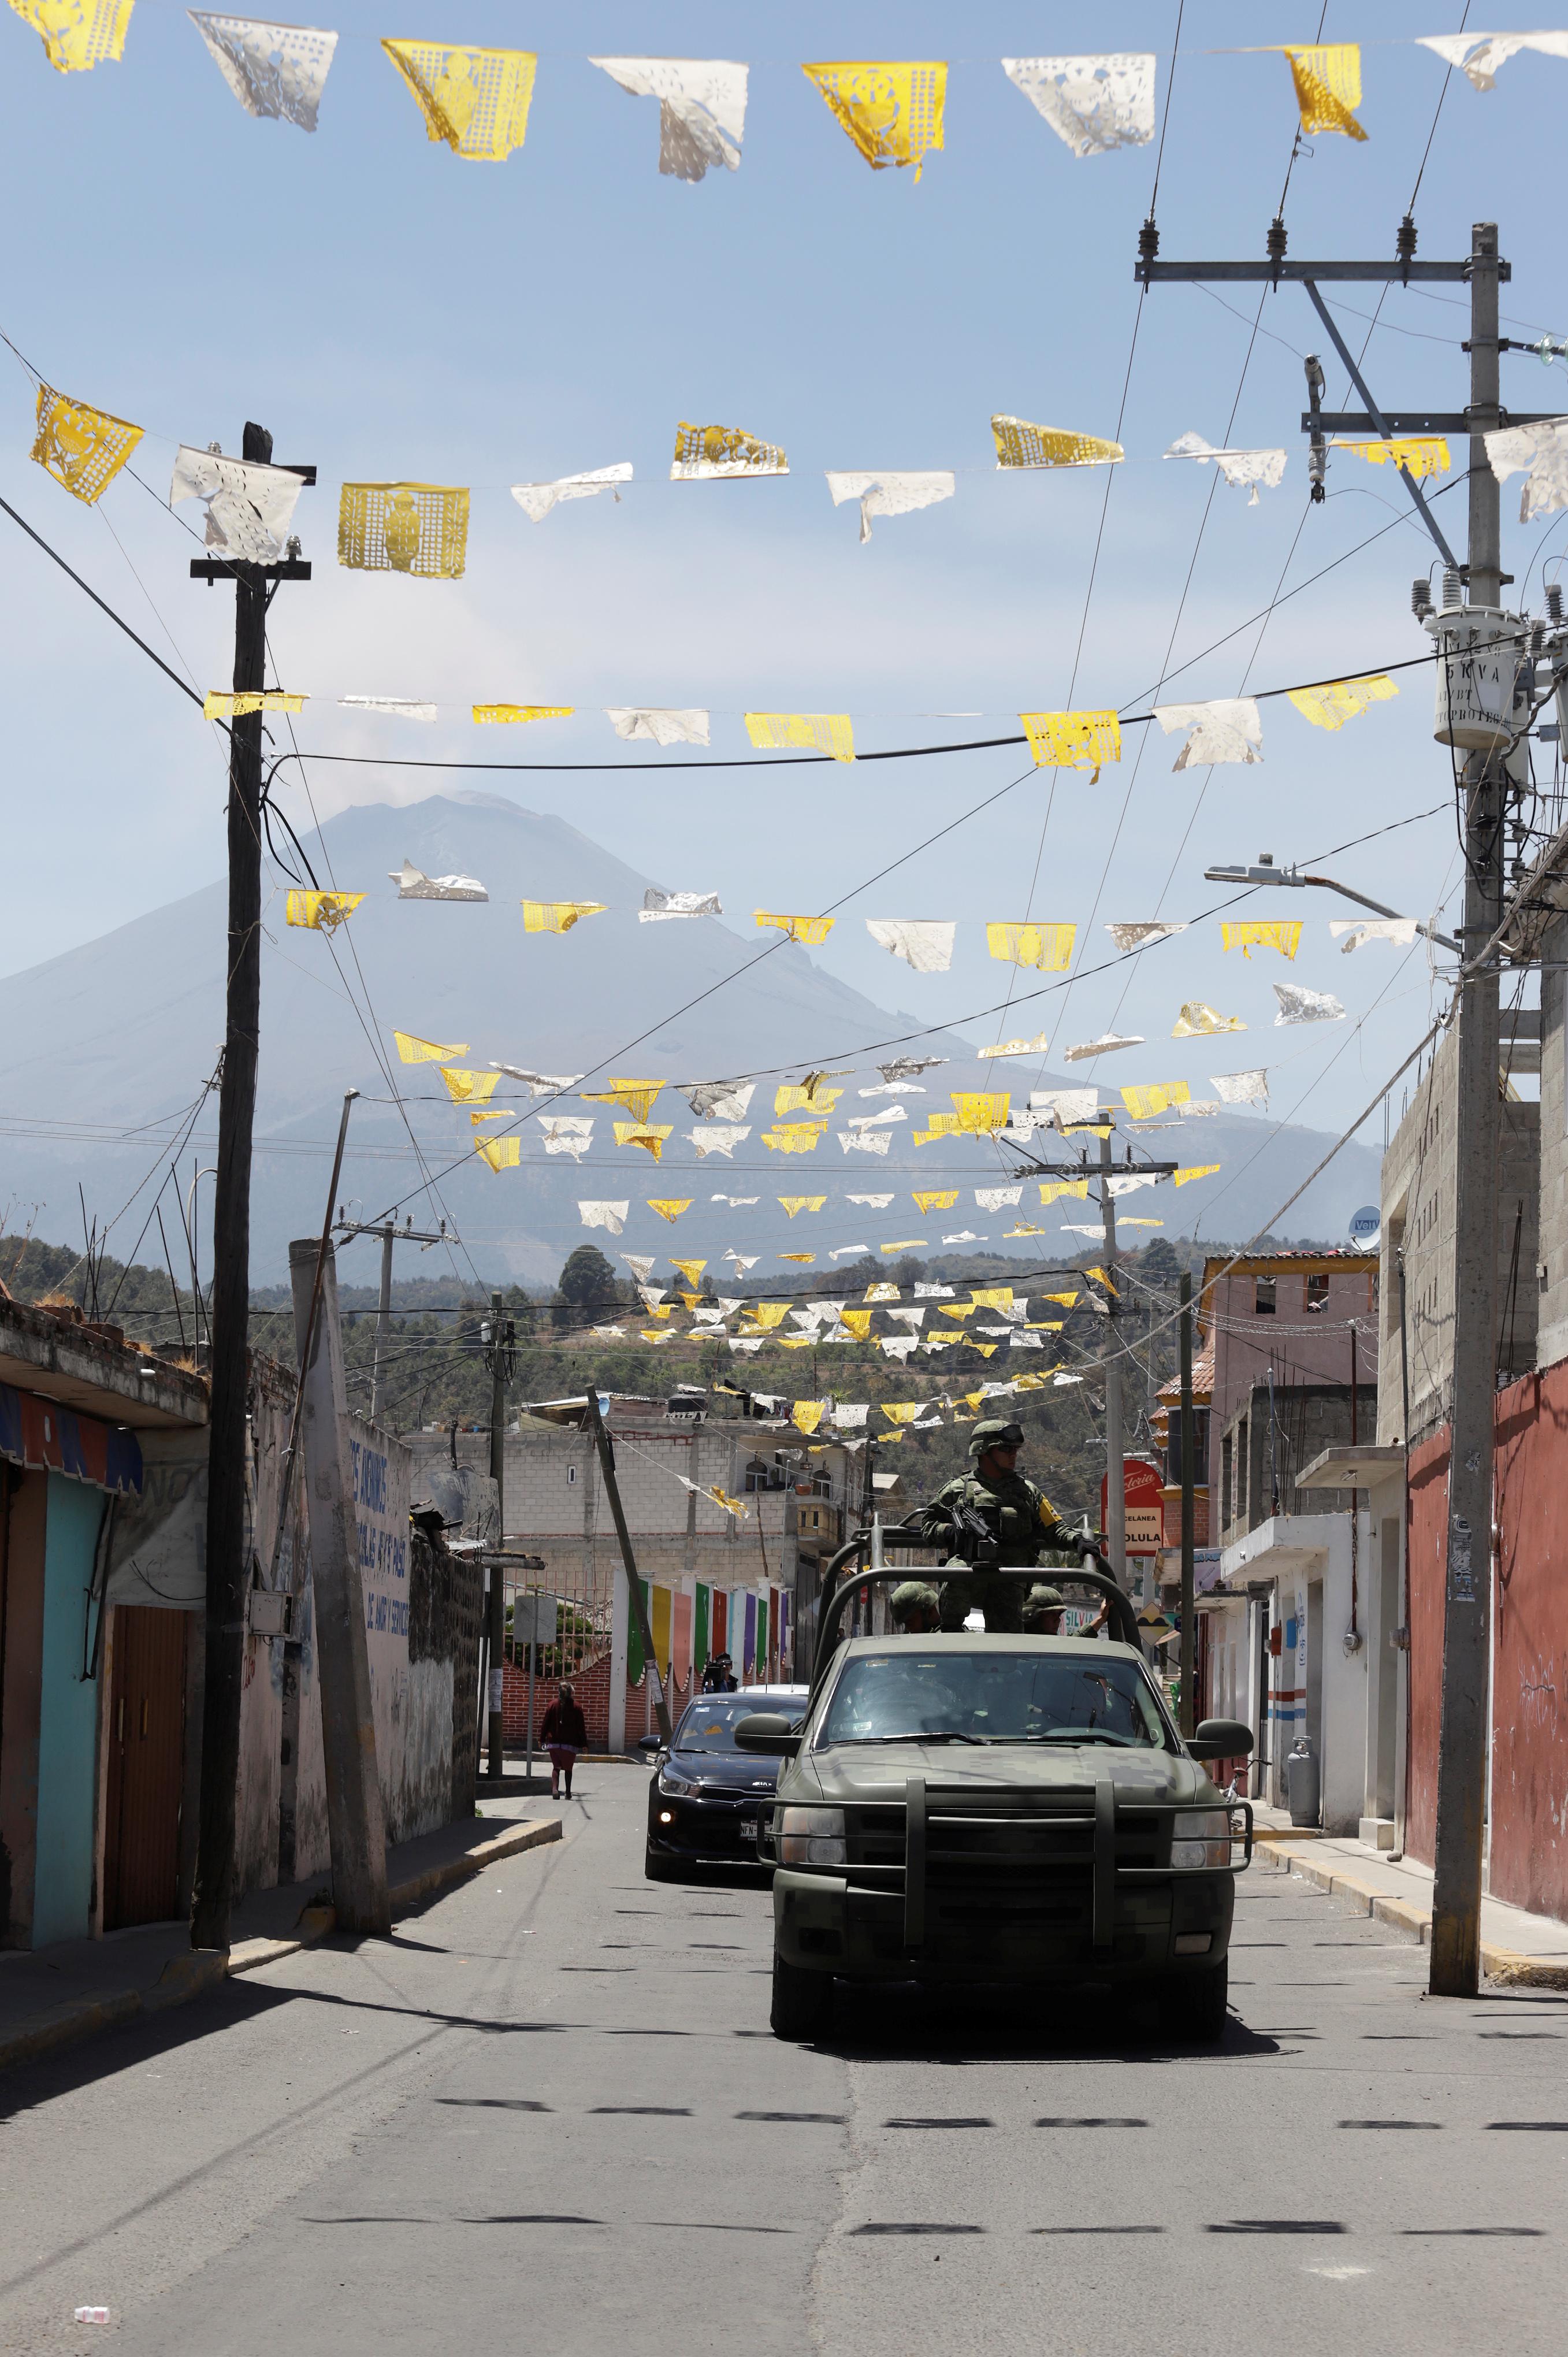 رفع مستوى التأهب على خلفية ثوران بركان فى المكسيك (1)